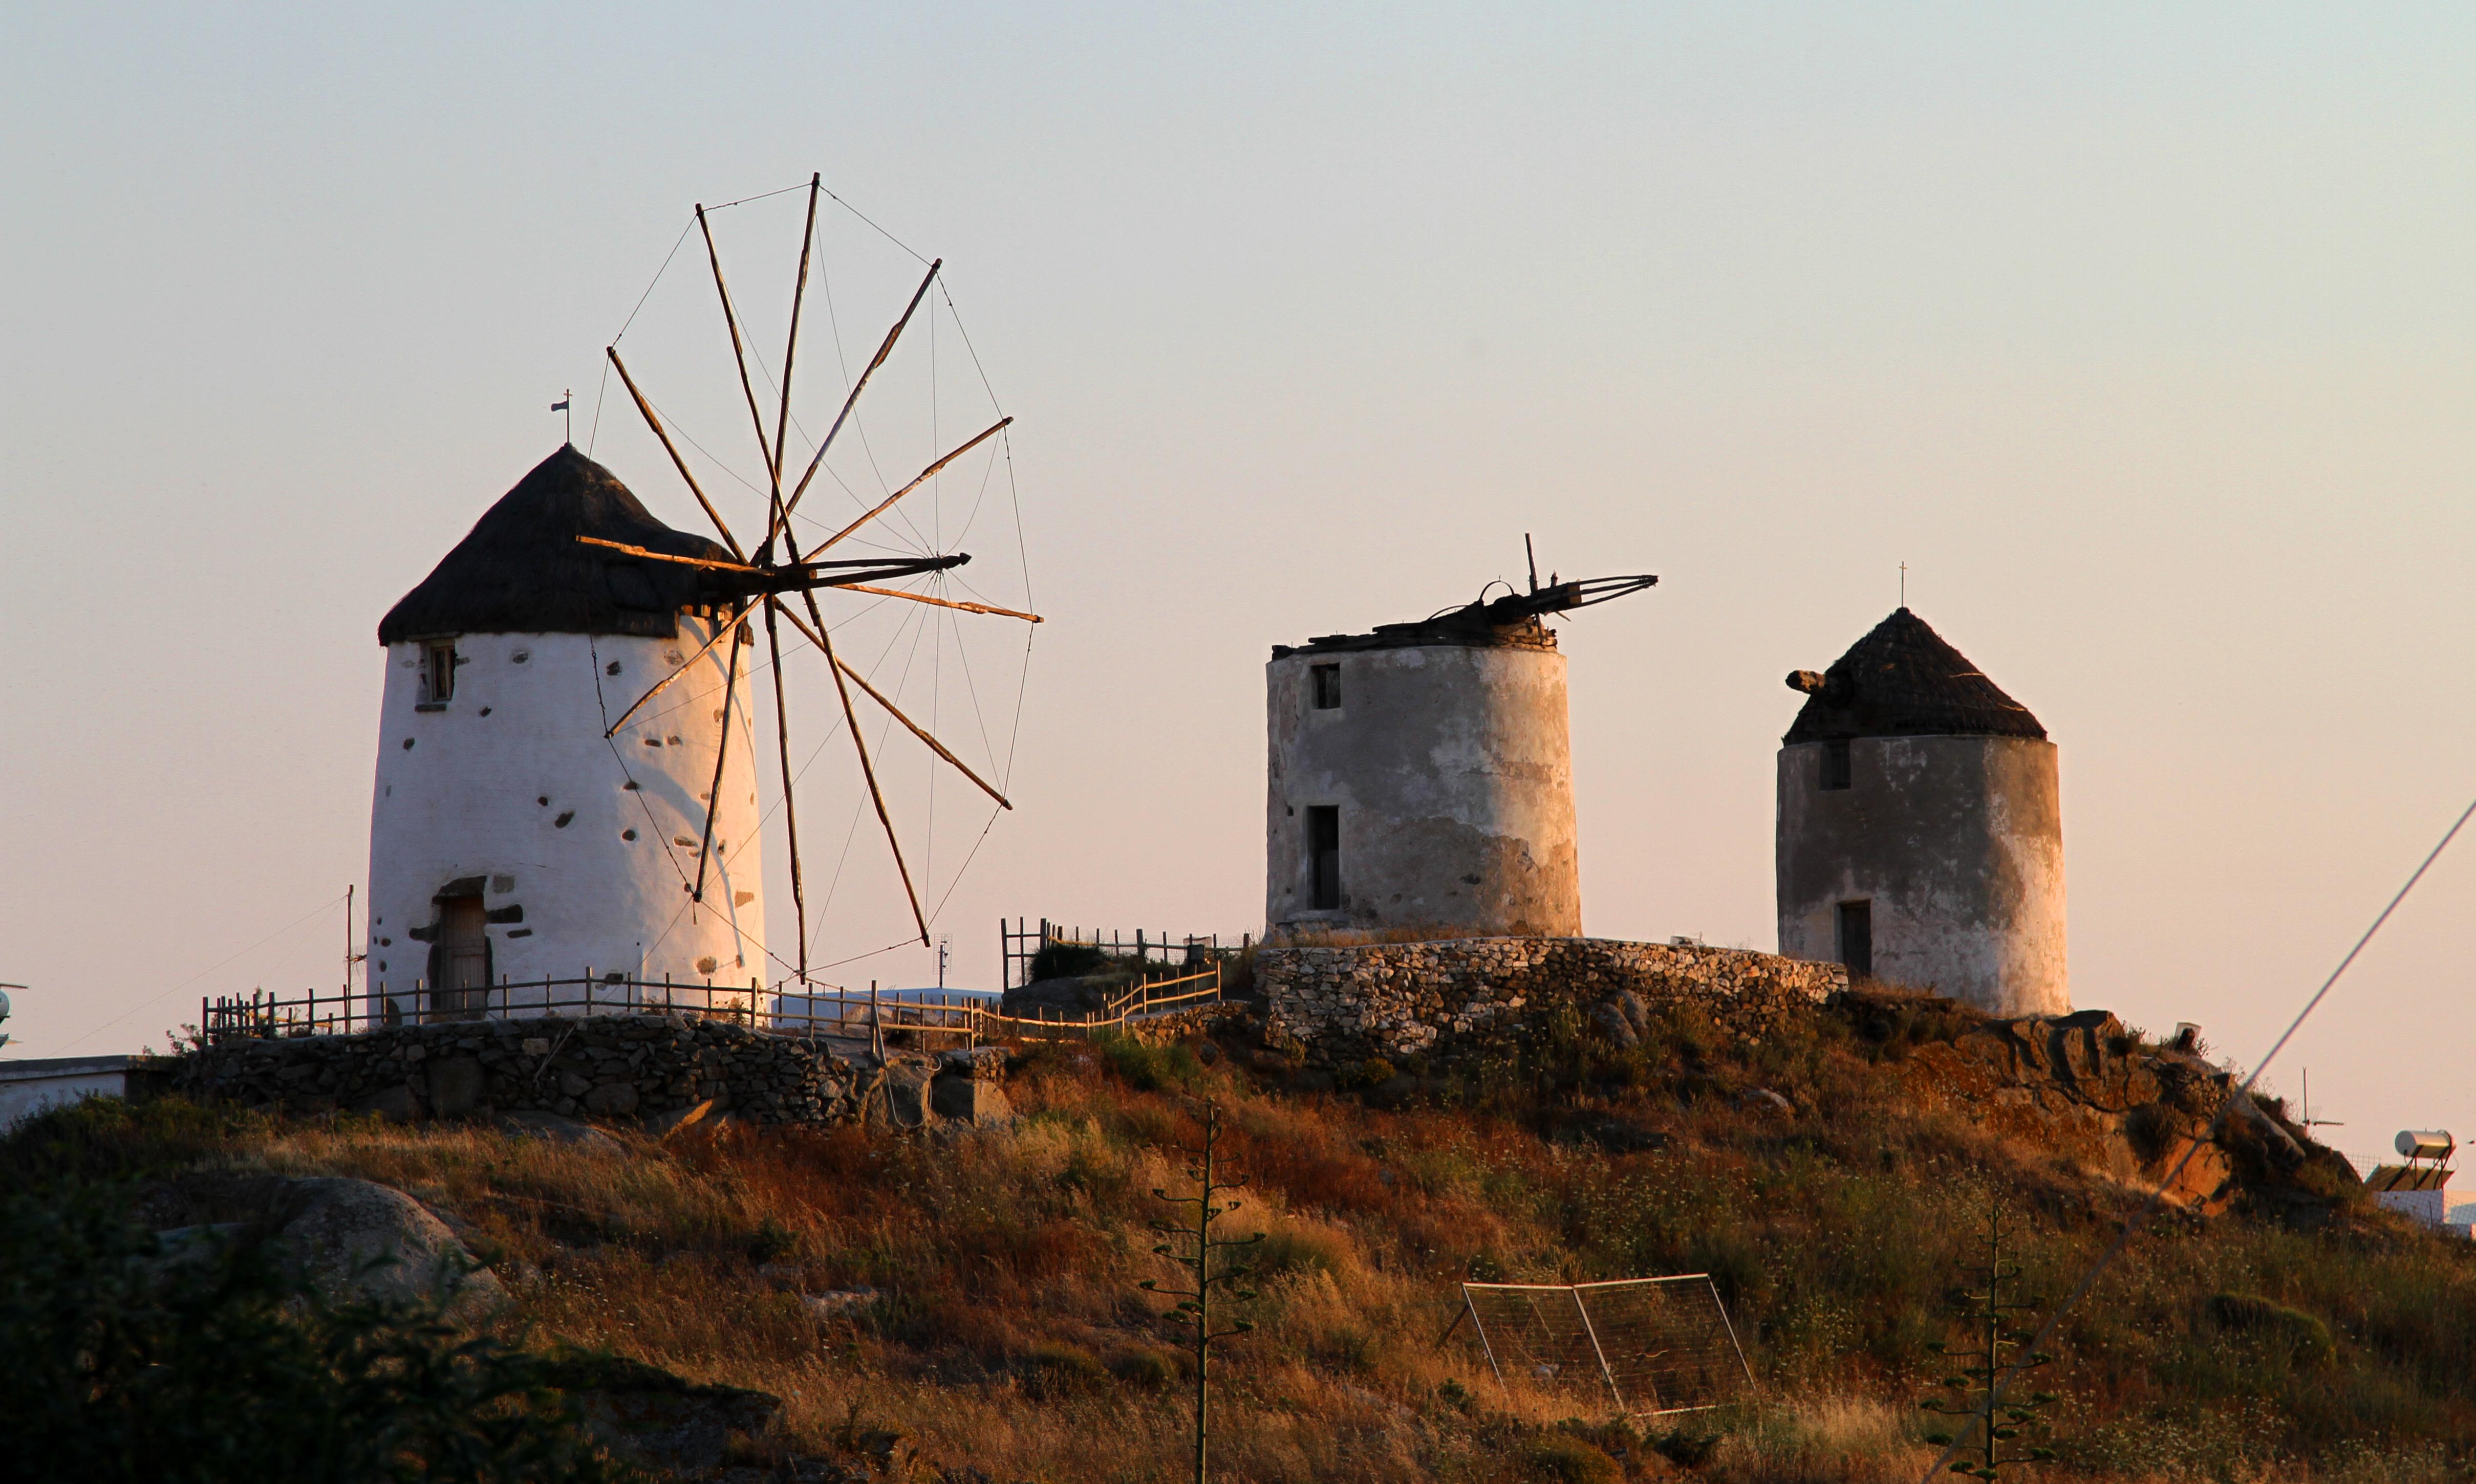 Filetre Mulini A Vento A Vivlos Naxos Panoramiojpg Wikimedia